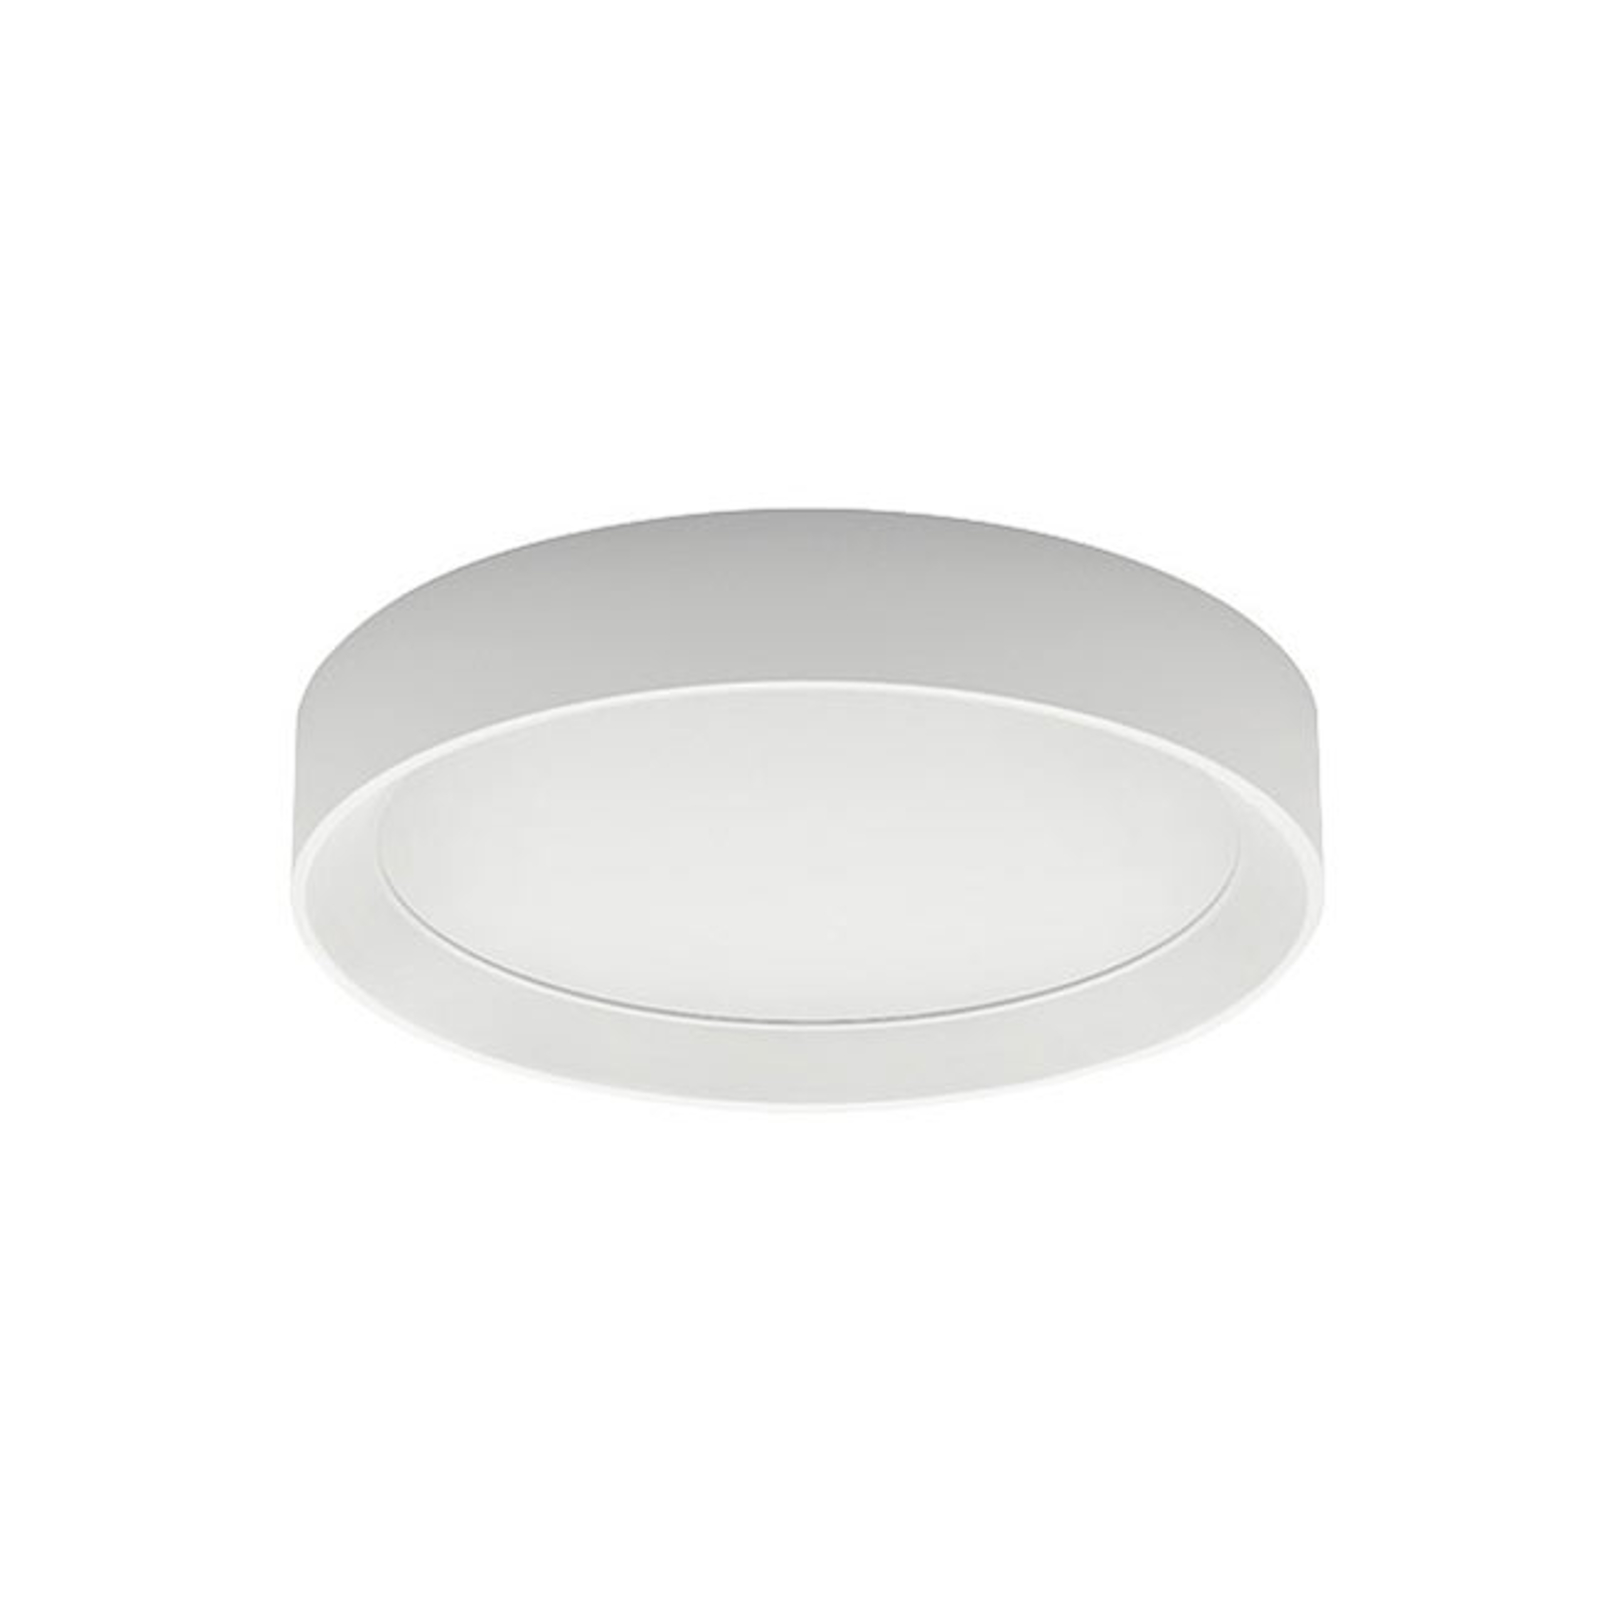 Tara R LED-taklampe, rund, Ø 31 cm